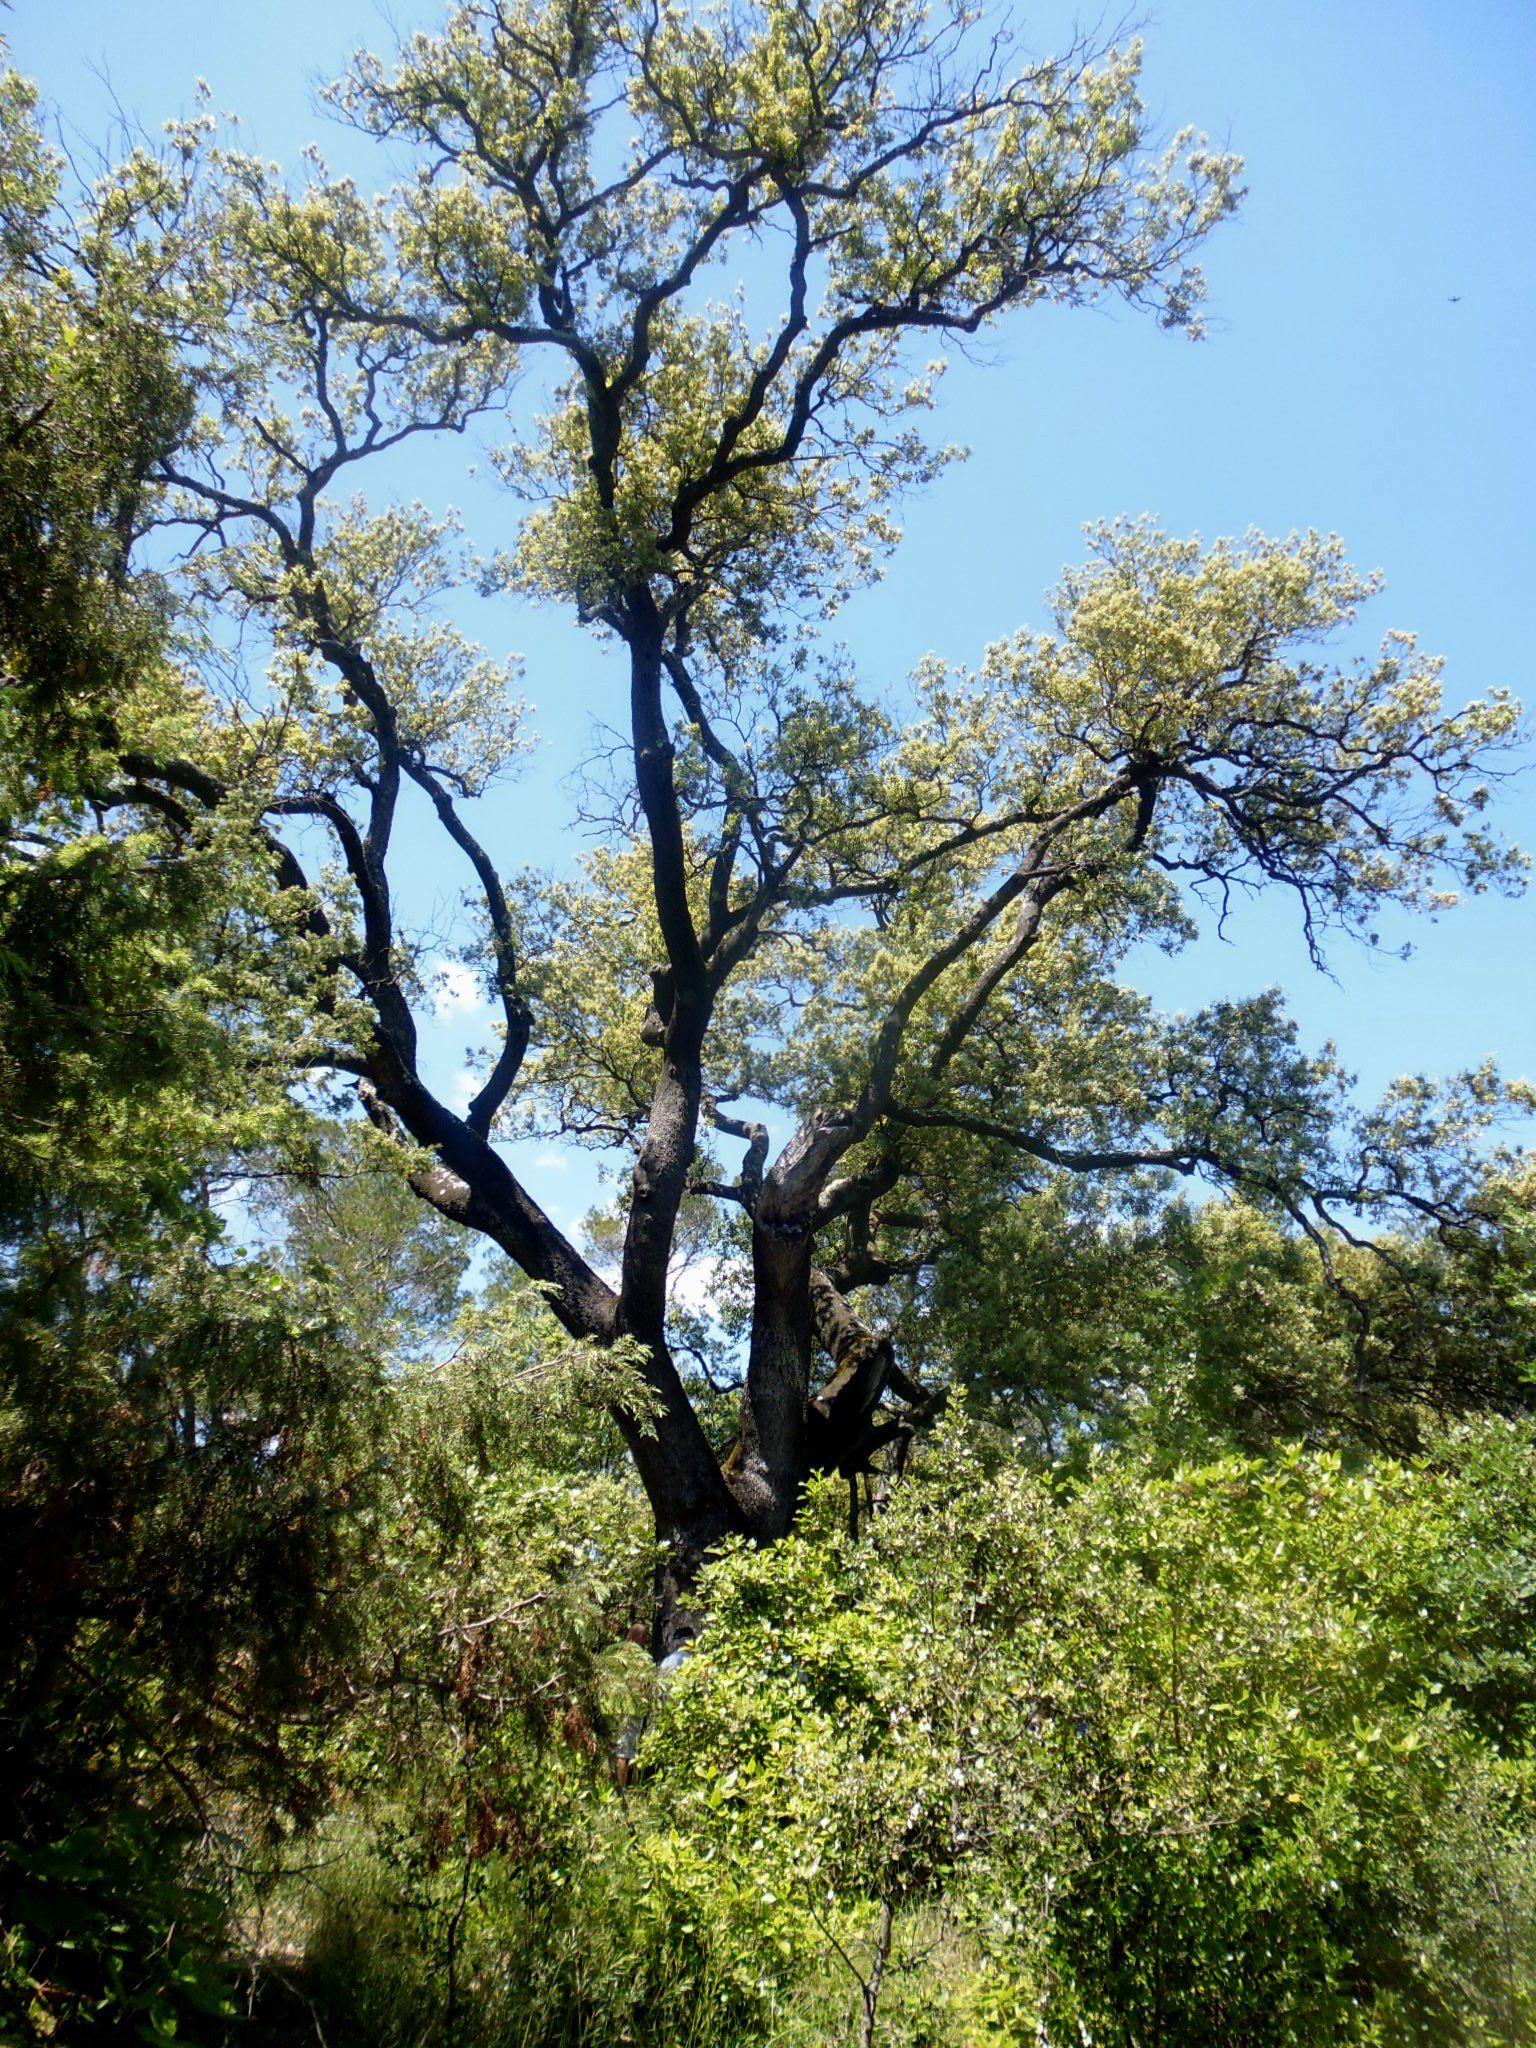 Aujourd'hui sur la commune de Lézan au lieu dit : Dévés sur la demande des propriétaires un chêne vert séculaire à été labellisé « arbre remarquable » D'après l'arboriculteur, spécialiste en botanique, ce chêne aurait entre 500 et 700 années.   C'est le plus gros chêne inventorié en France en environnement naturel.  Vous pouvez y accéder en randonnant sur le GR petite randonnée autour d'Anduze, je me ferai aussi un plaisir de vous y conduire....